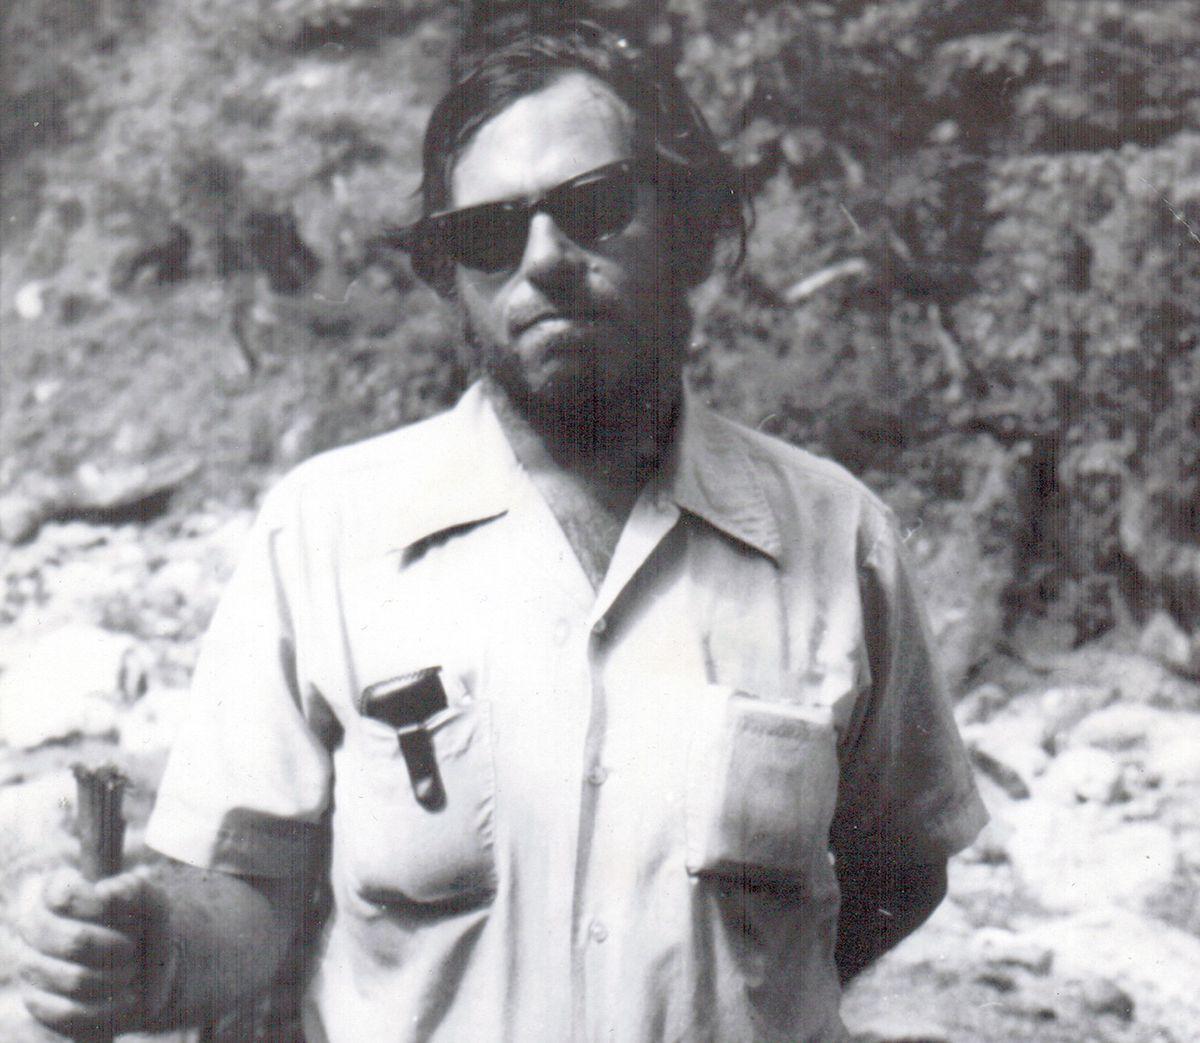 Marvin Weinstein hiking in Nepal in 1976.